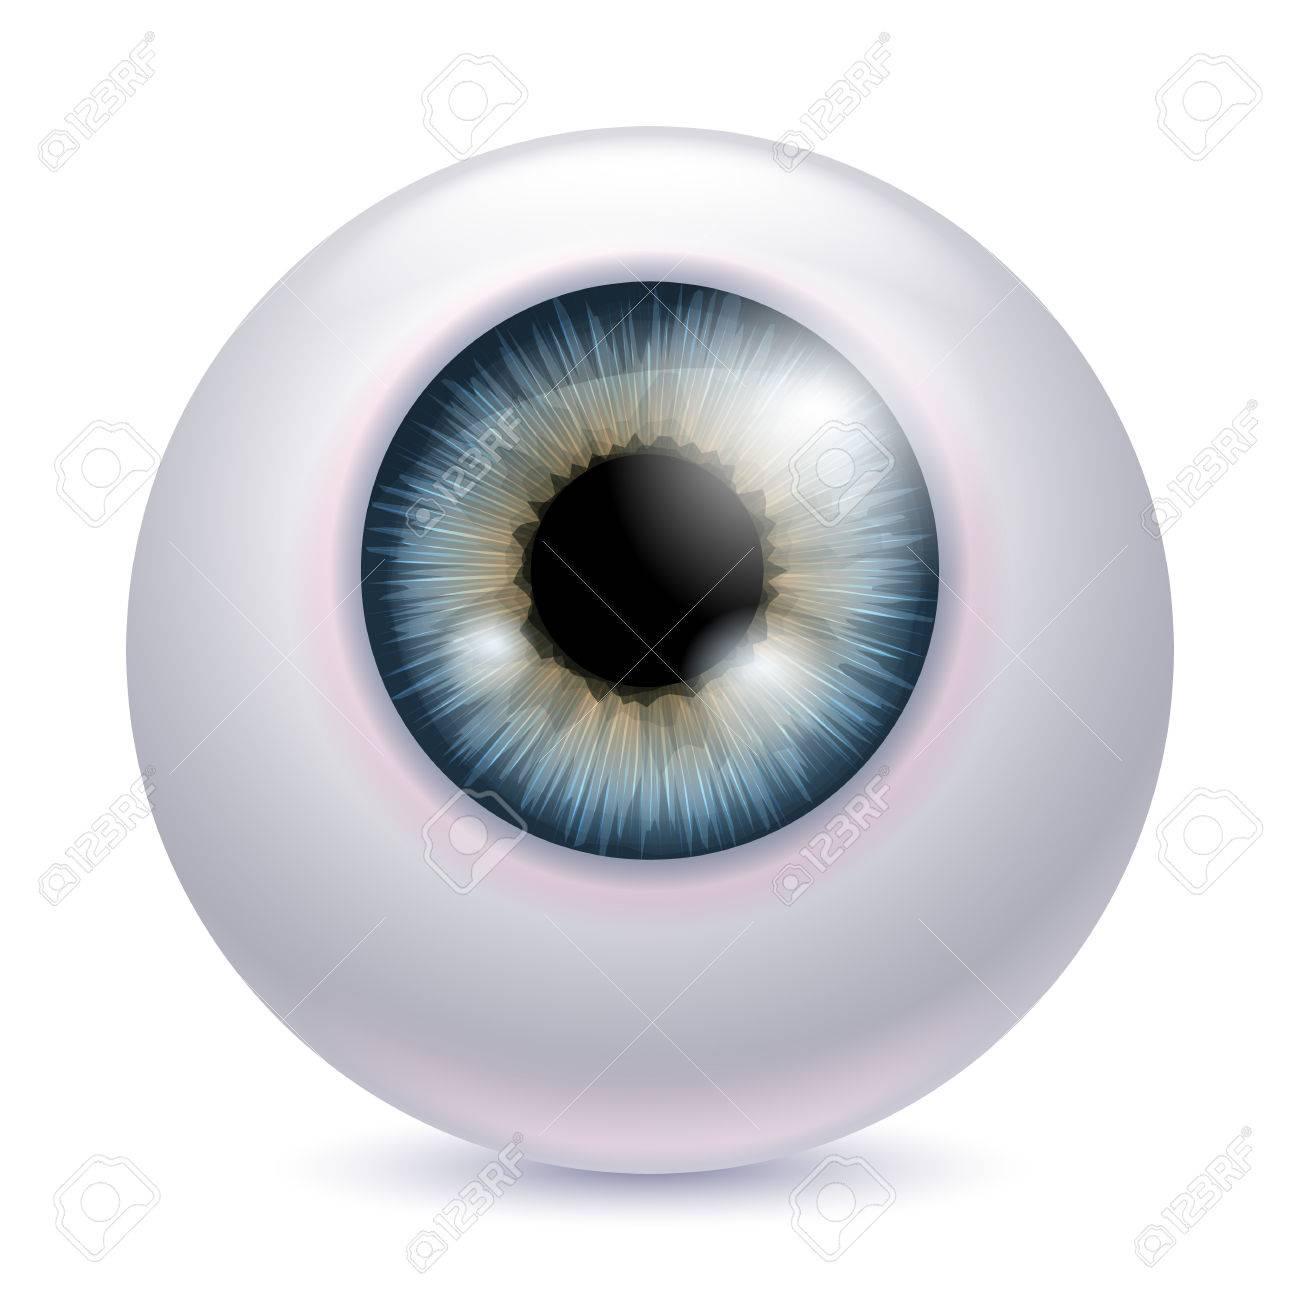 Menschliche Augapfel Iris Pupille Auf Weißem Hintergrund - Graue ...